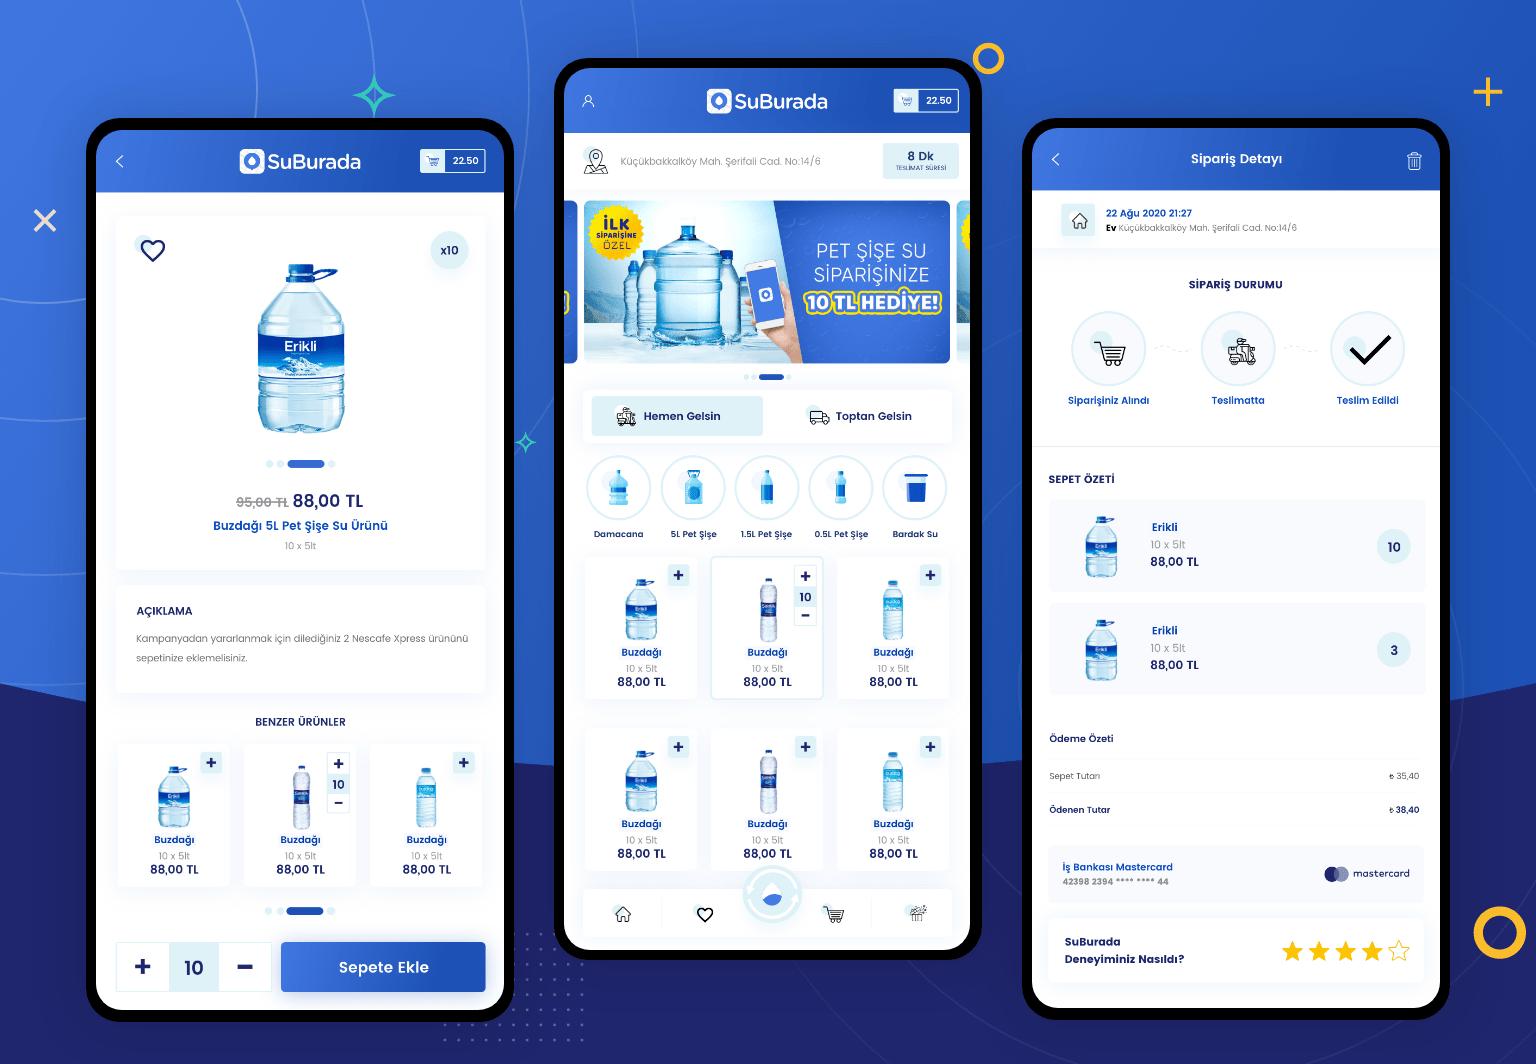 SuBurada Mobil Uygulama UI & UX Tasarımı